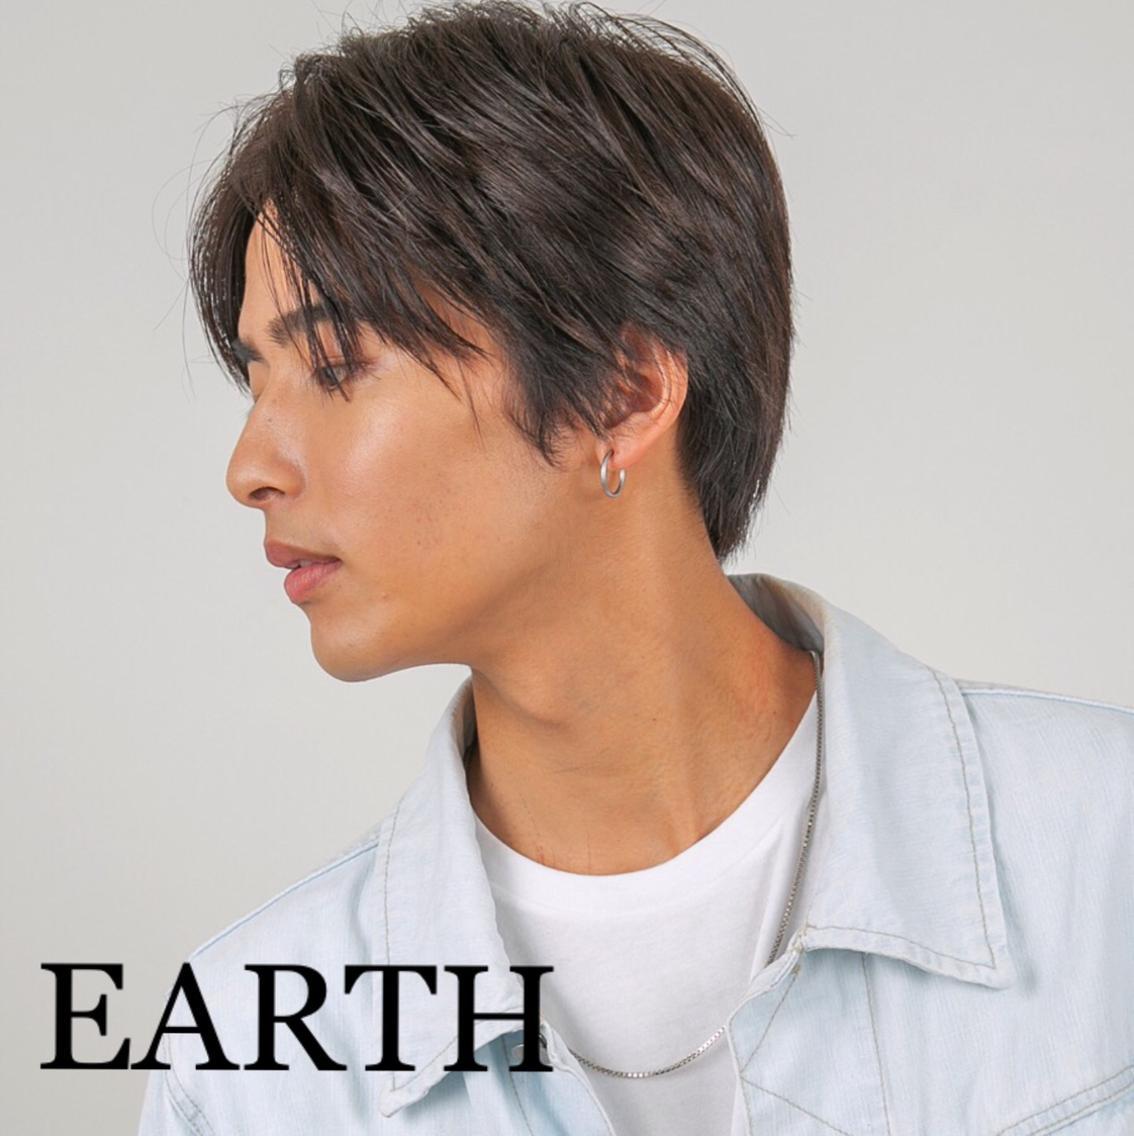 EARTH八王子店所属・大引 優の掲載